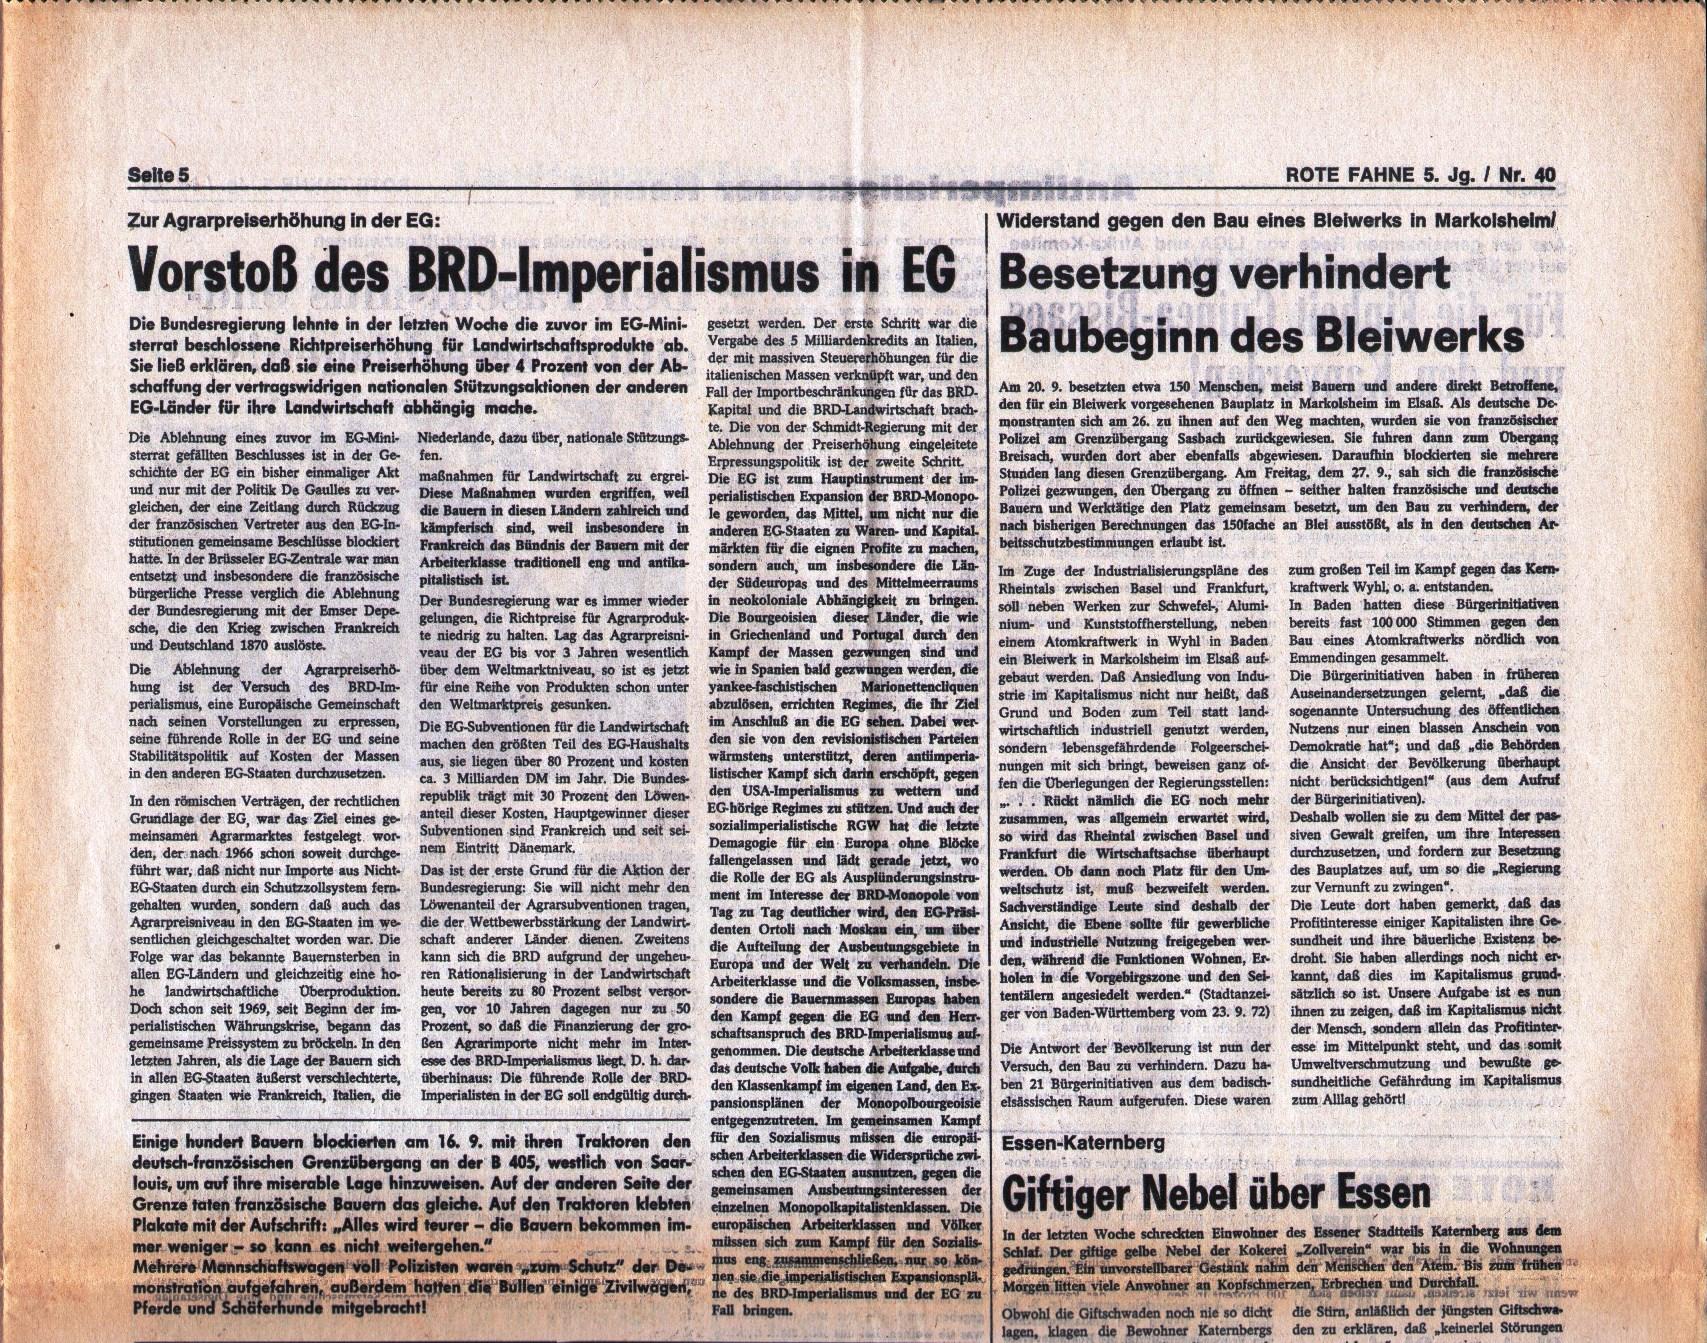 KPD_Rote_Fahne_1974_40_09